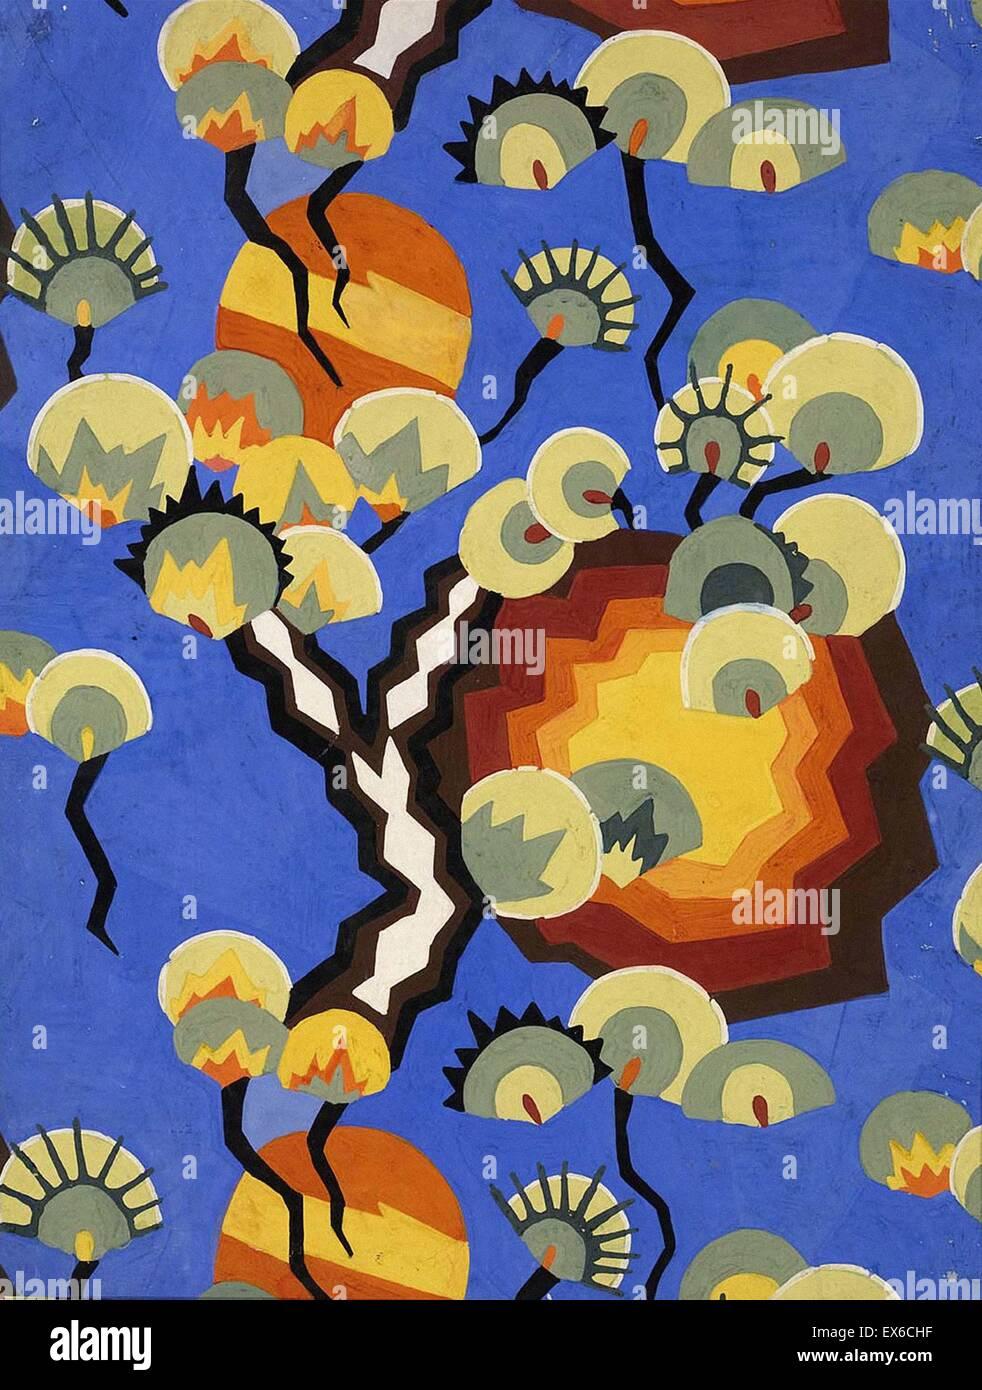 Loïs Mailou Jones il design tessile per il cretonne Immagini Stock